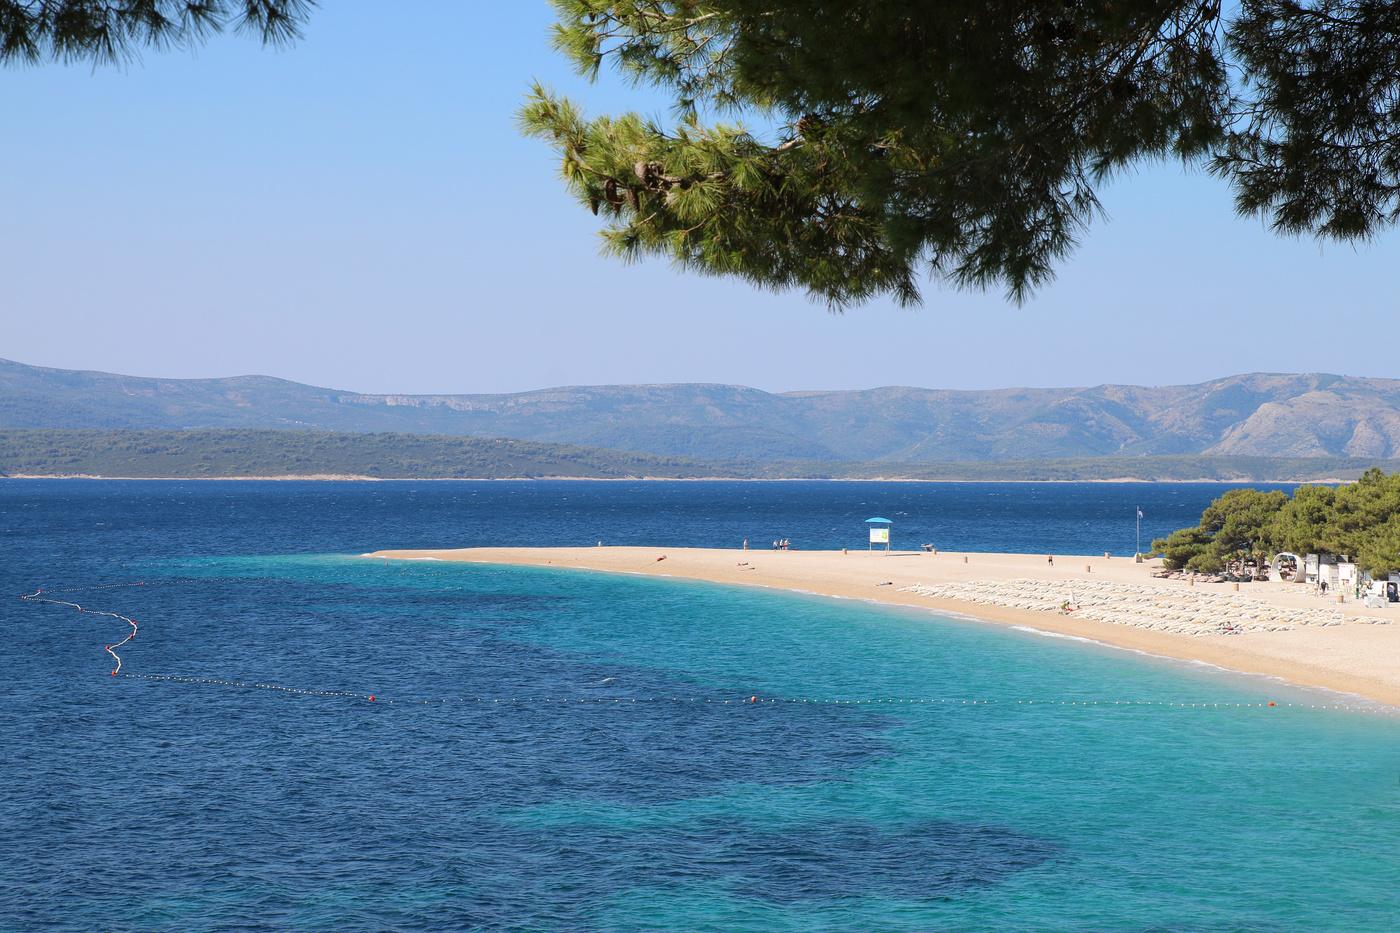 фоторамка пляж золотой рог в хорватии фото нас получилось изменить